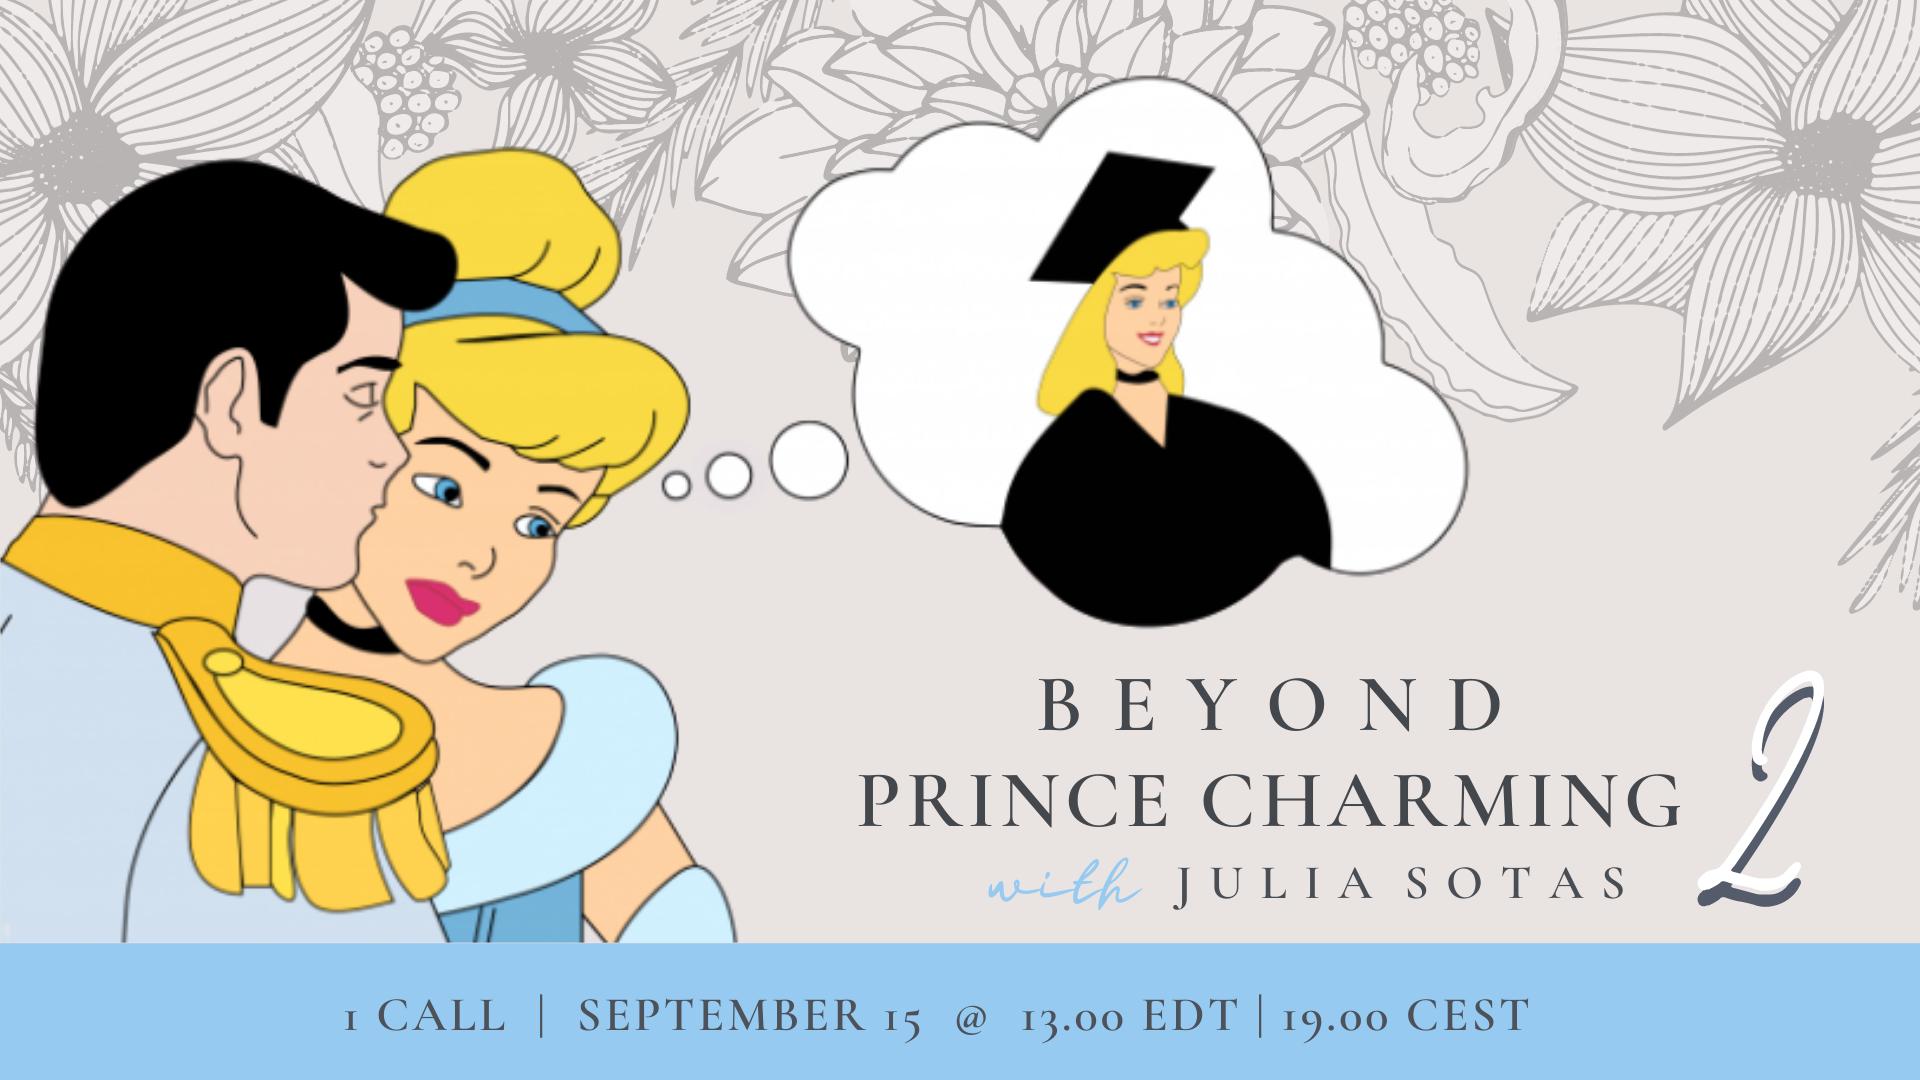 Beyond Prince Charming